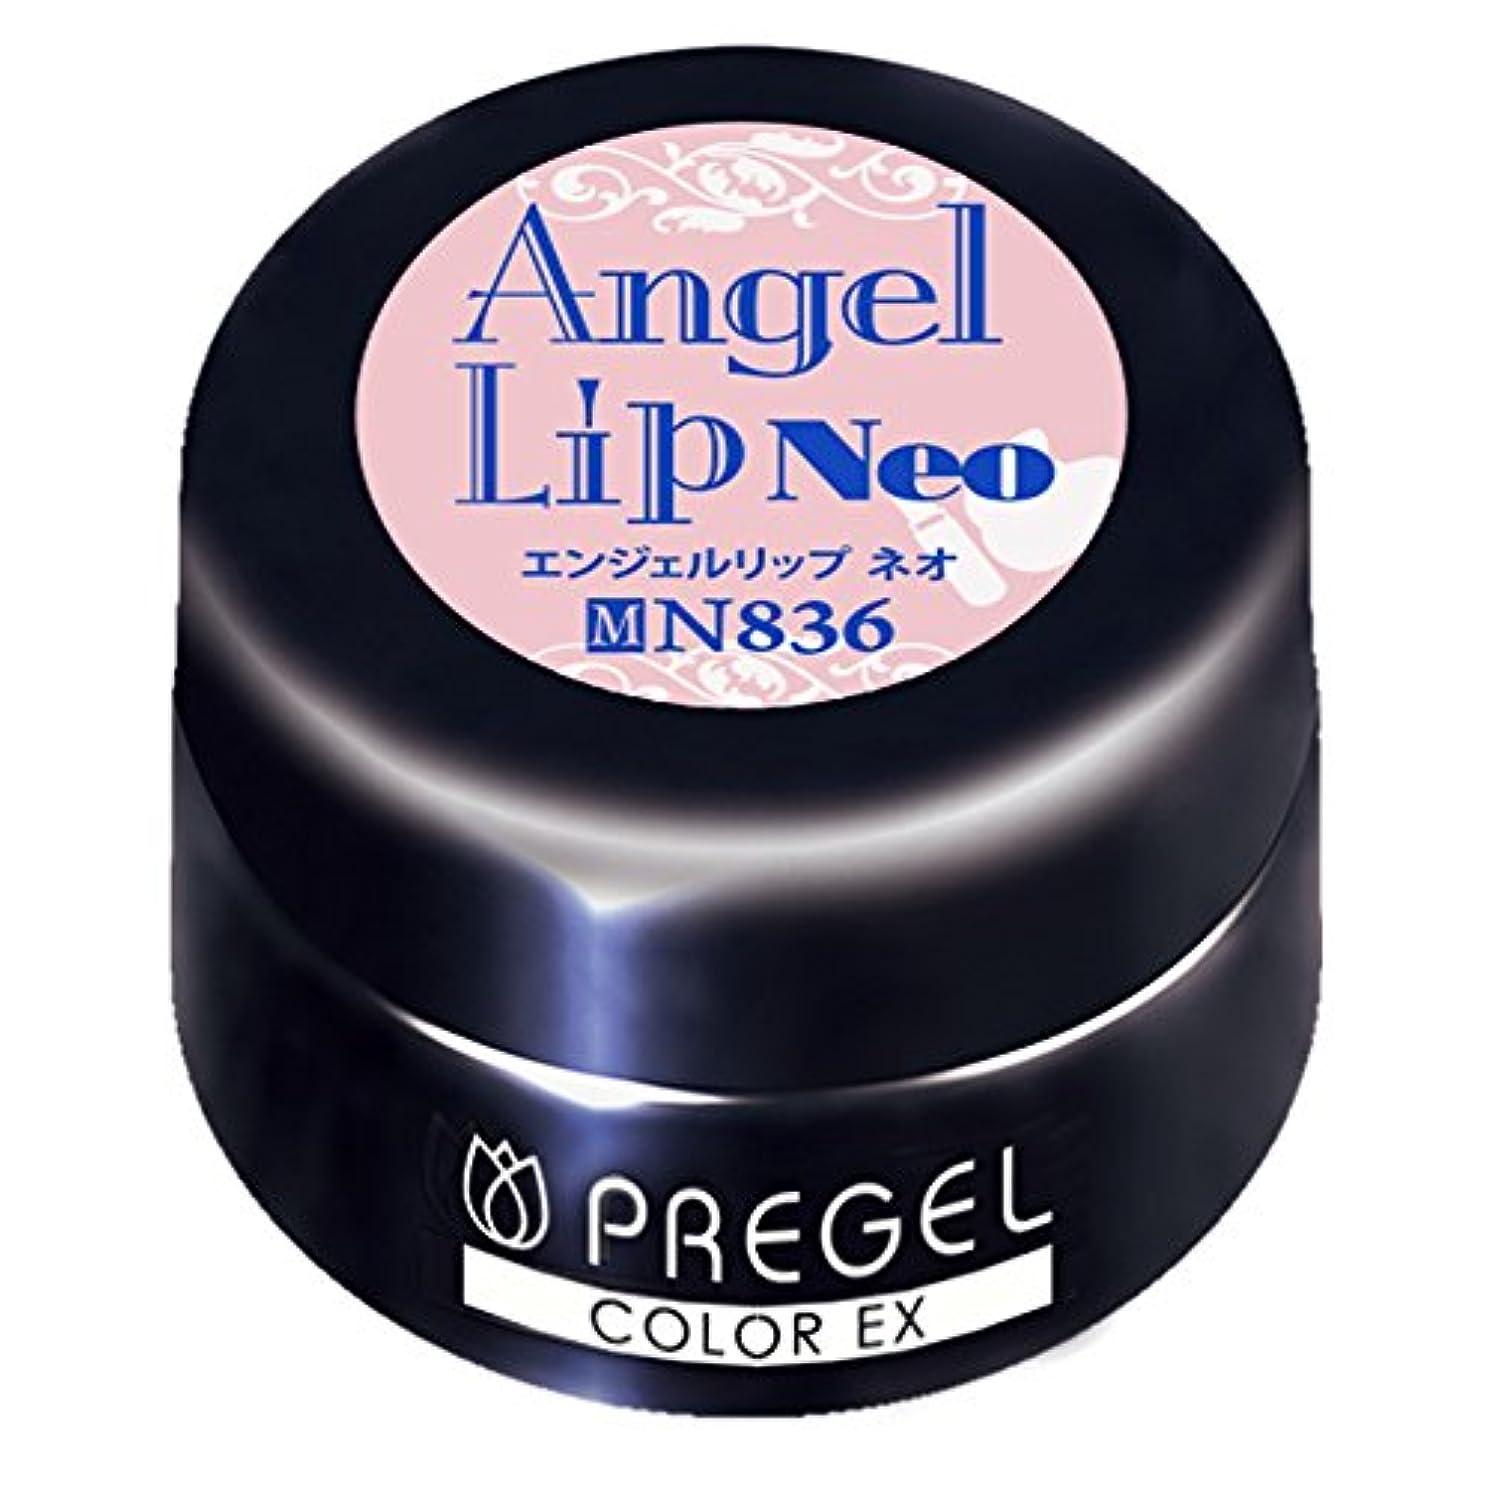 クレーター決済株式PRE GEL カラーEX エンジェルリップneo836 3g UV/LED対応